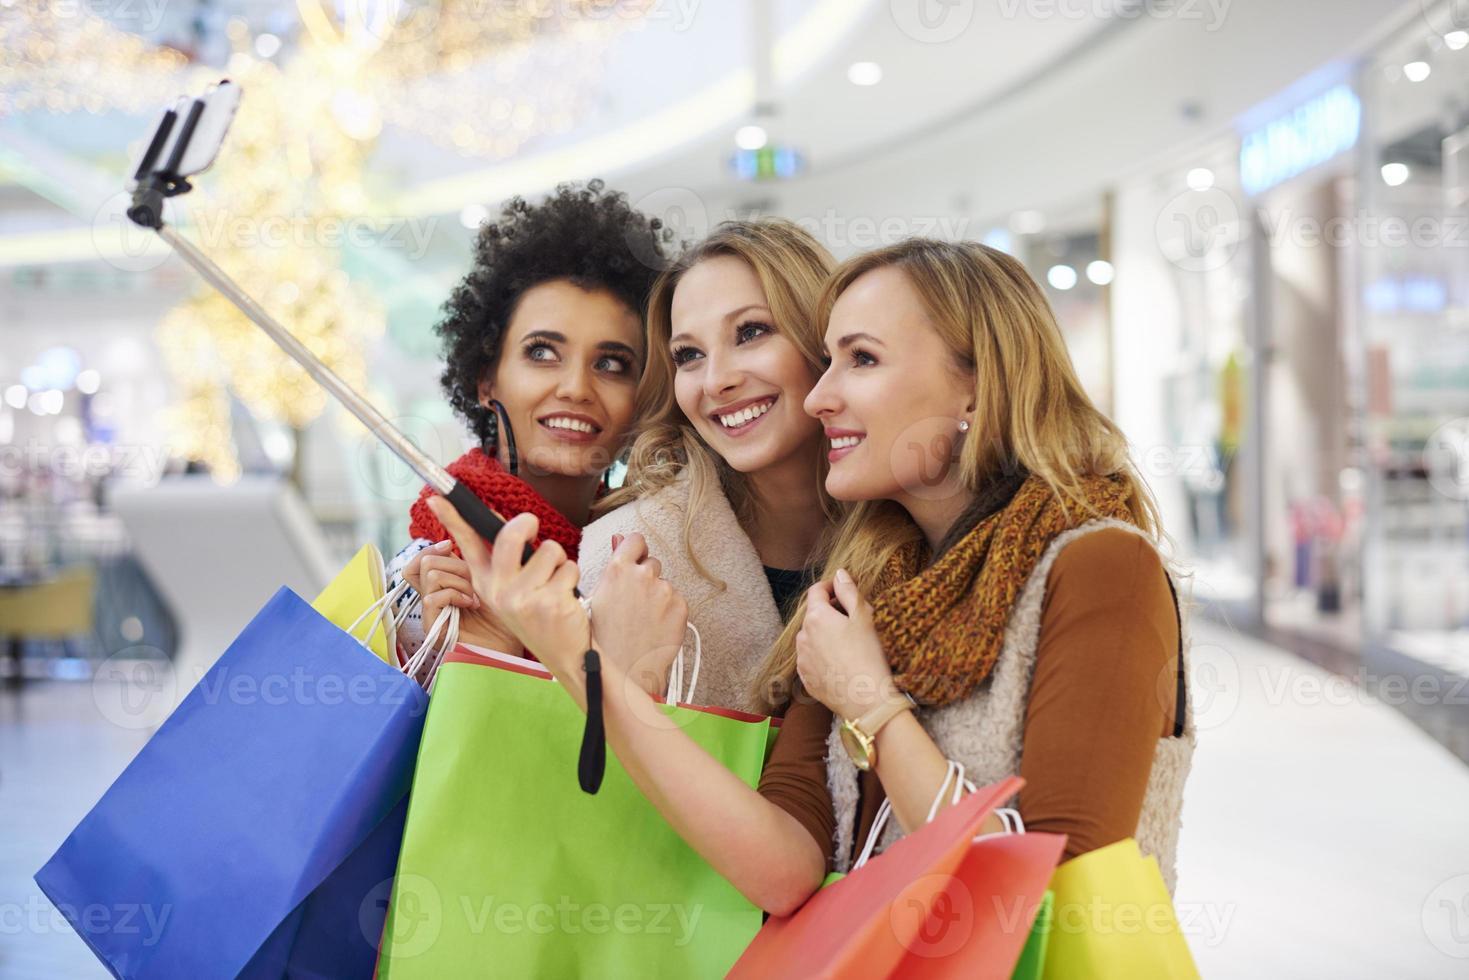 selfie com vara de selfie no shopping foto